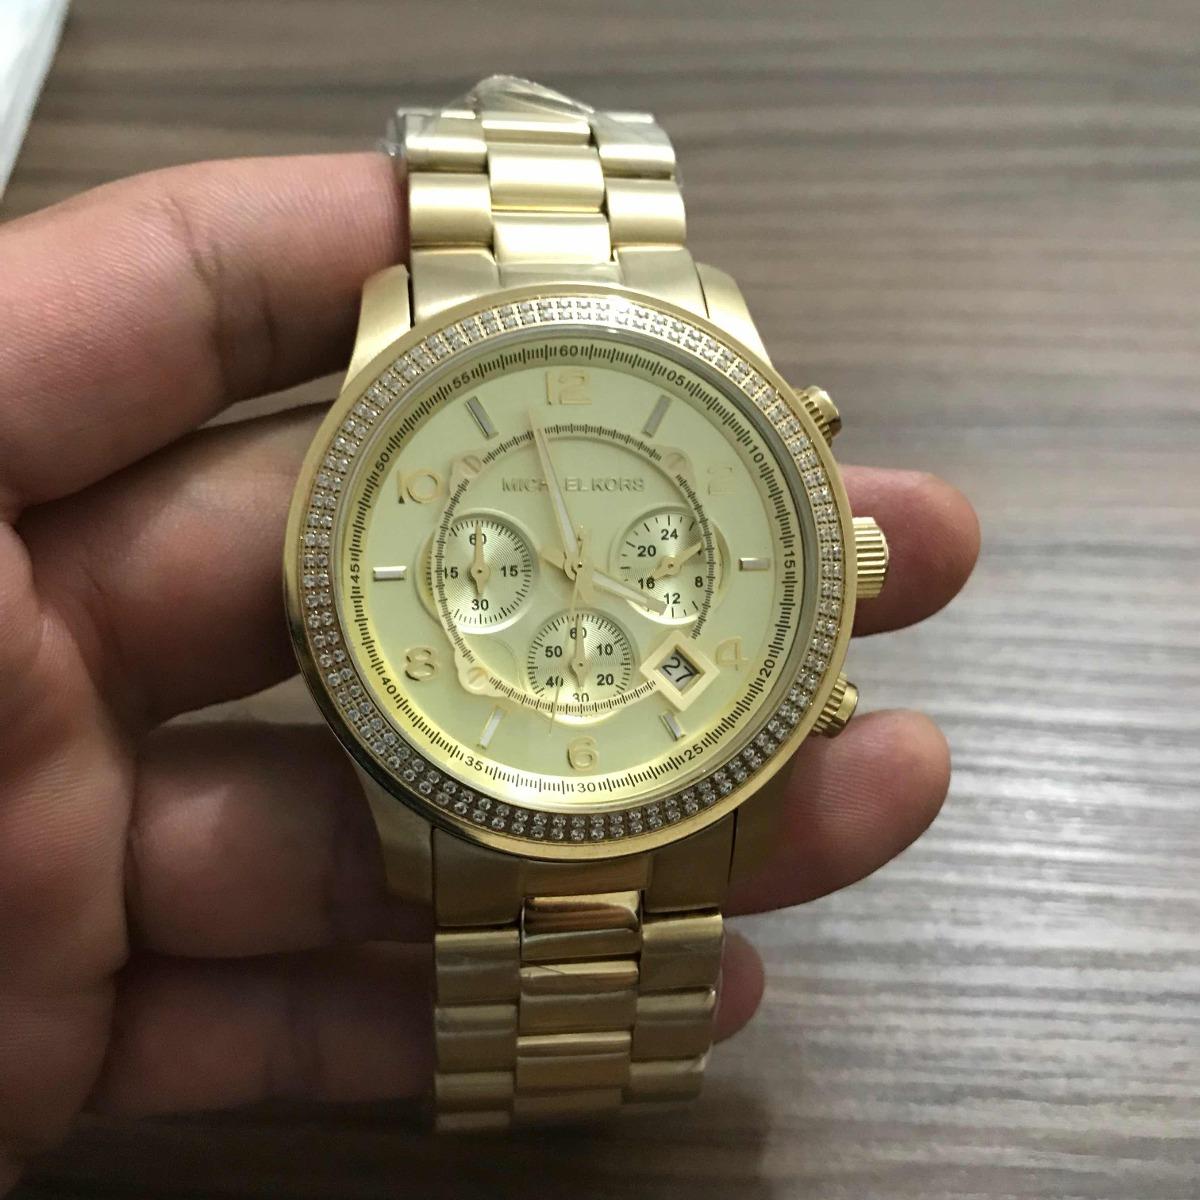 Relógio Michael Kors Mk-5575 Dourado. - R  699,00 em Mercado Livre bedb08fa93